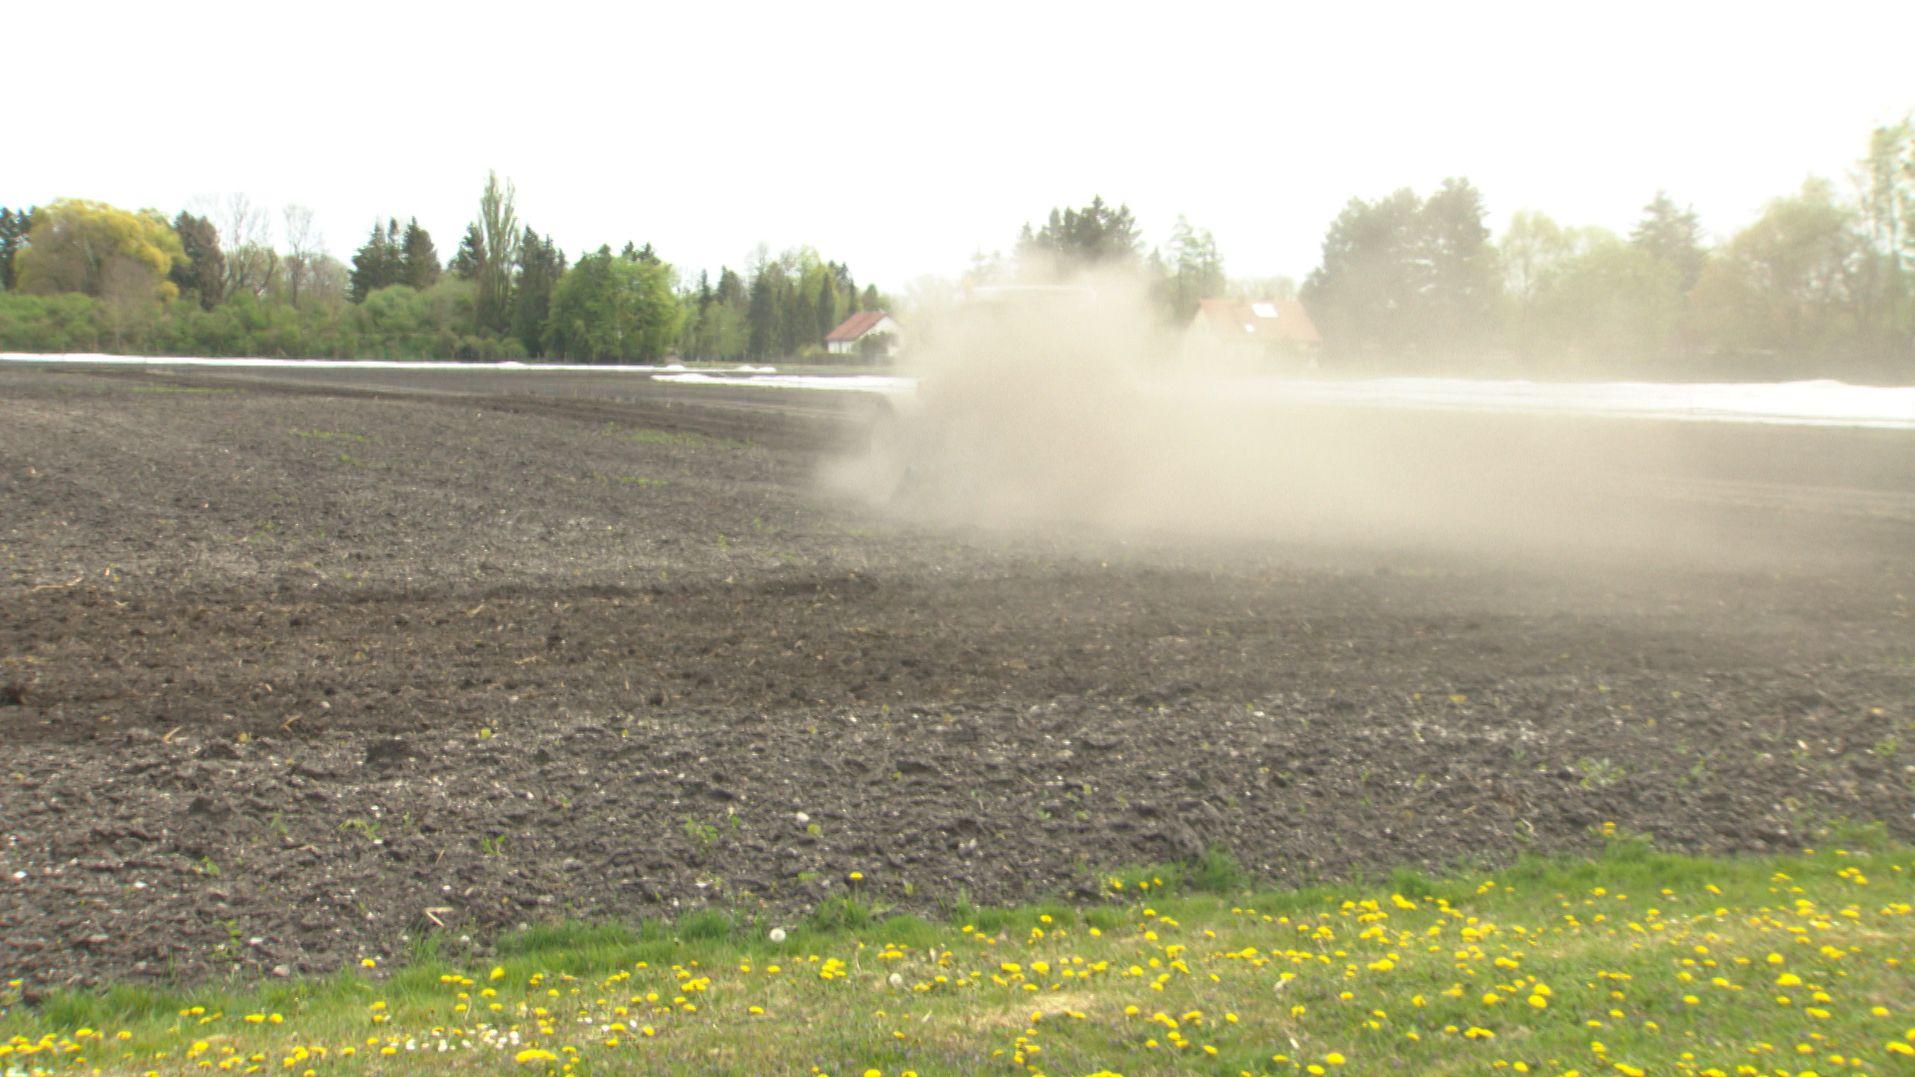 Eine Staubwolke hinter einem Traktor auf trockenem Acker.